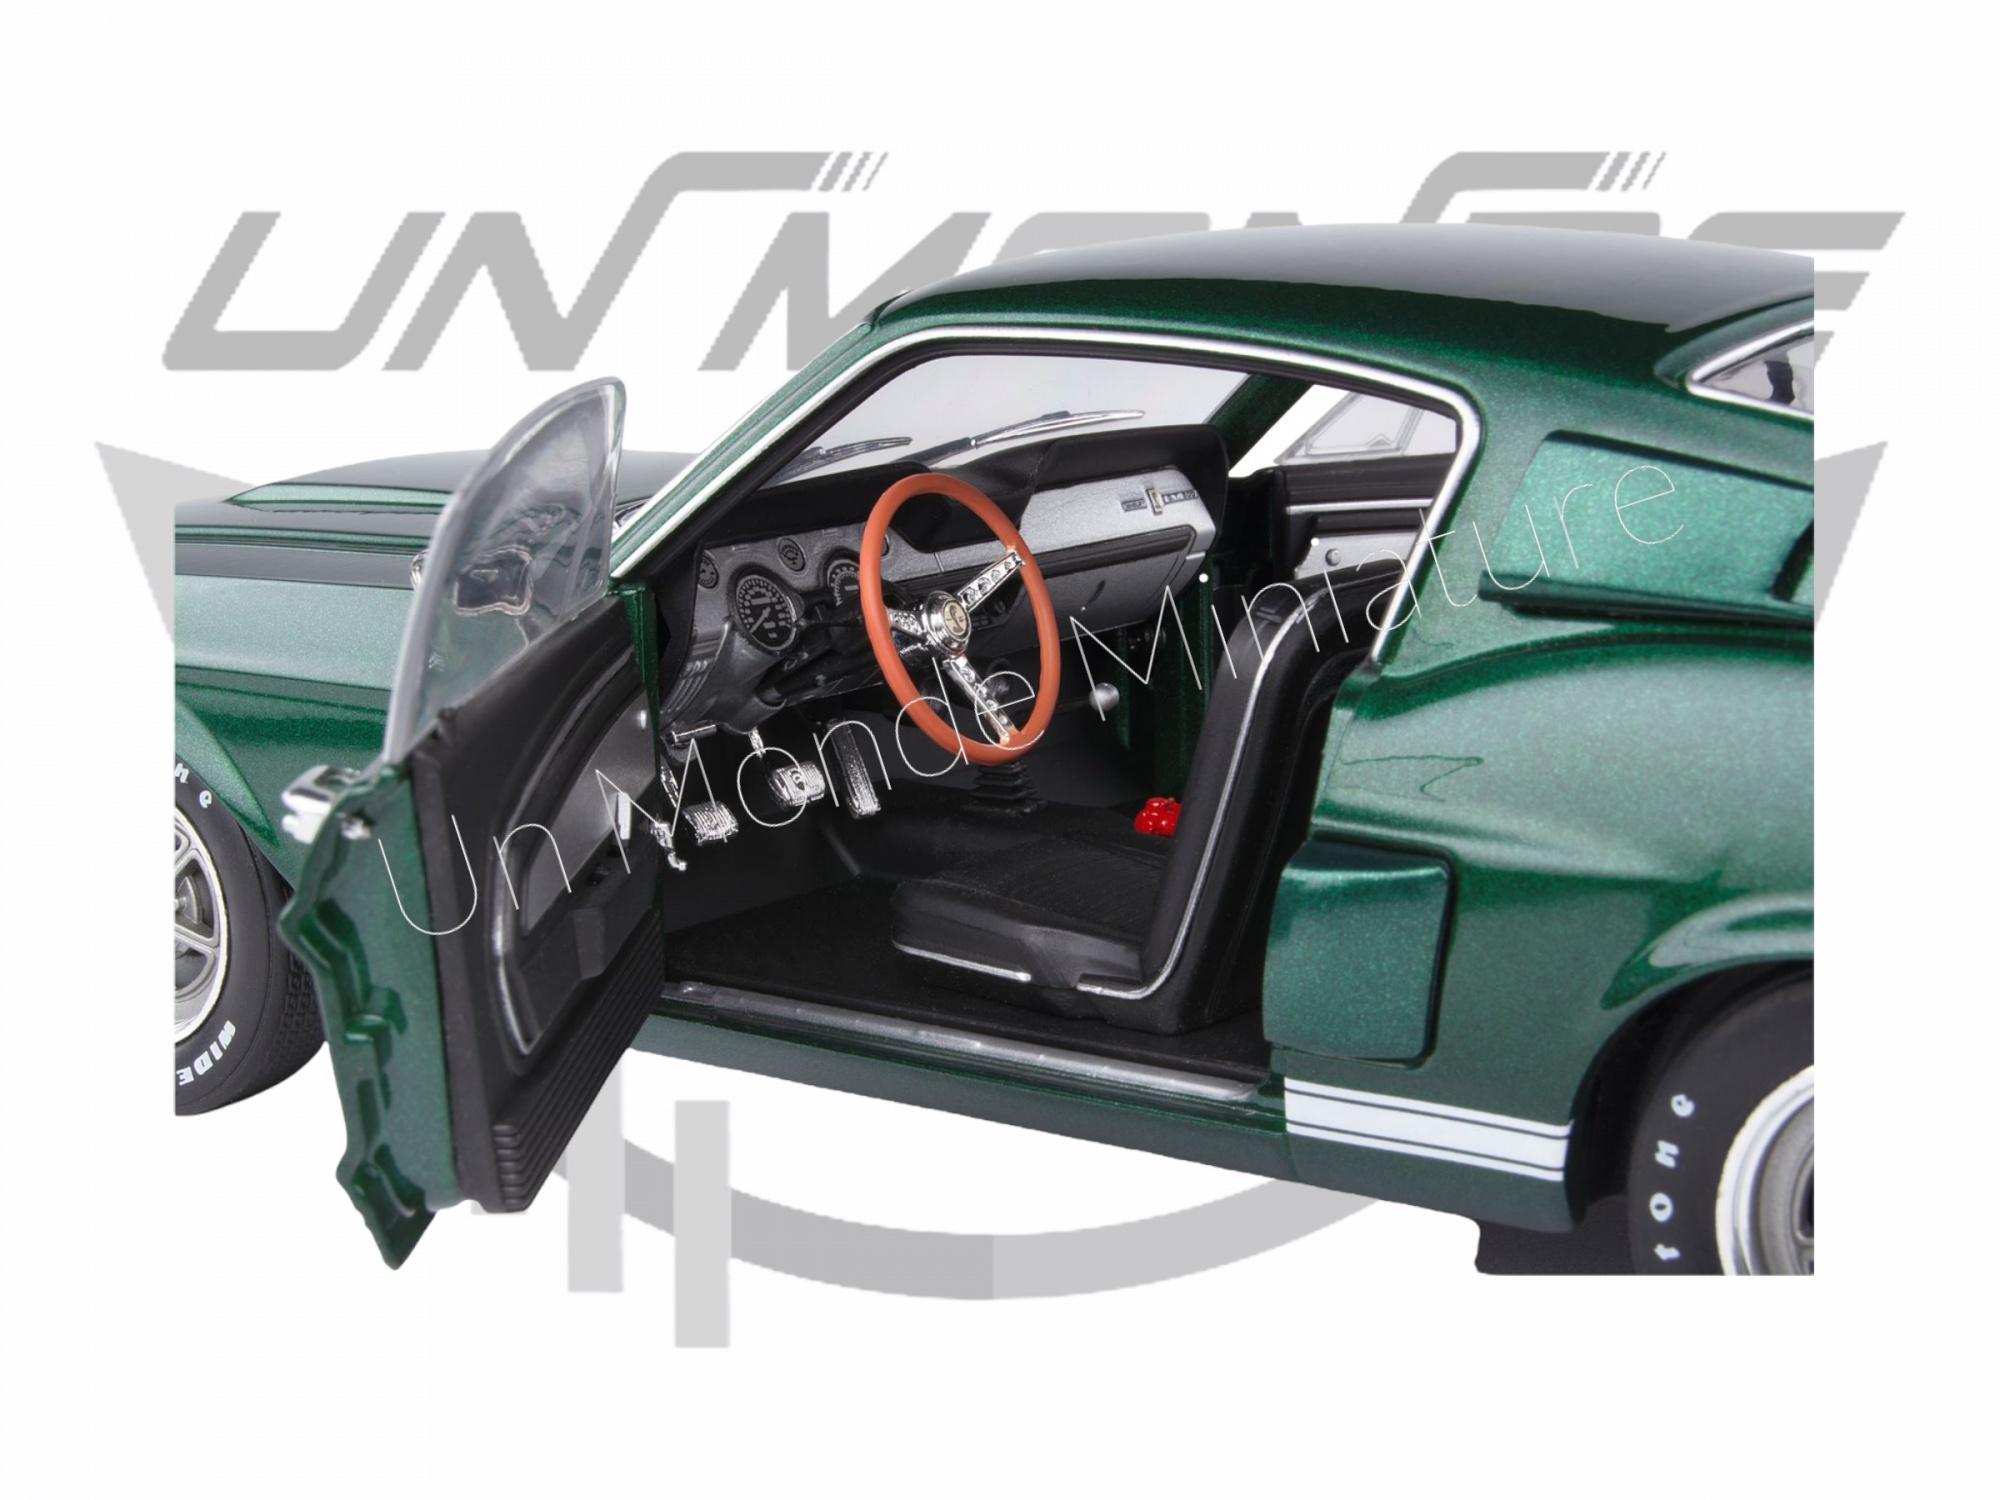 Shelby Mustang GT500 Dark Highland